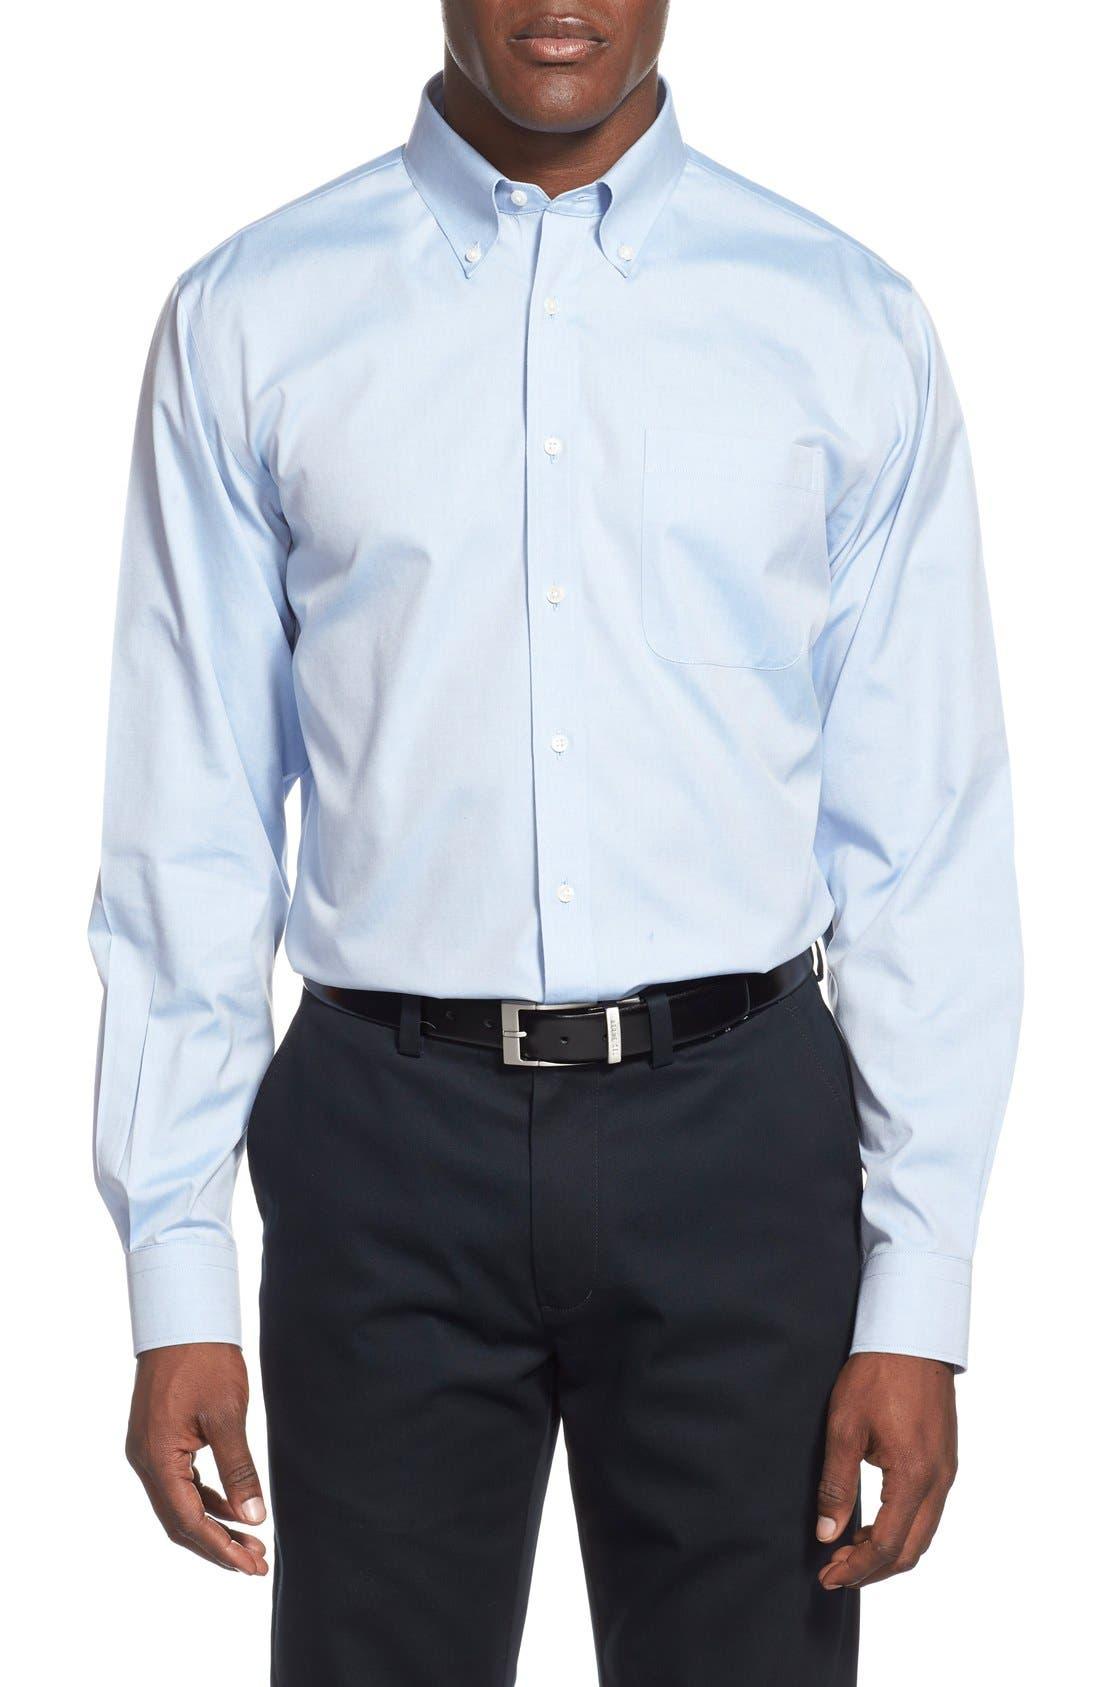 Nike Glisse Chemise Pour Homme Blanc offres à vendre recommander à vendre Best-seller la sortie Inexpensive 3xcxhJ